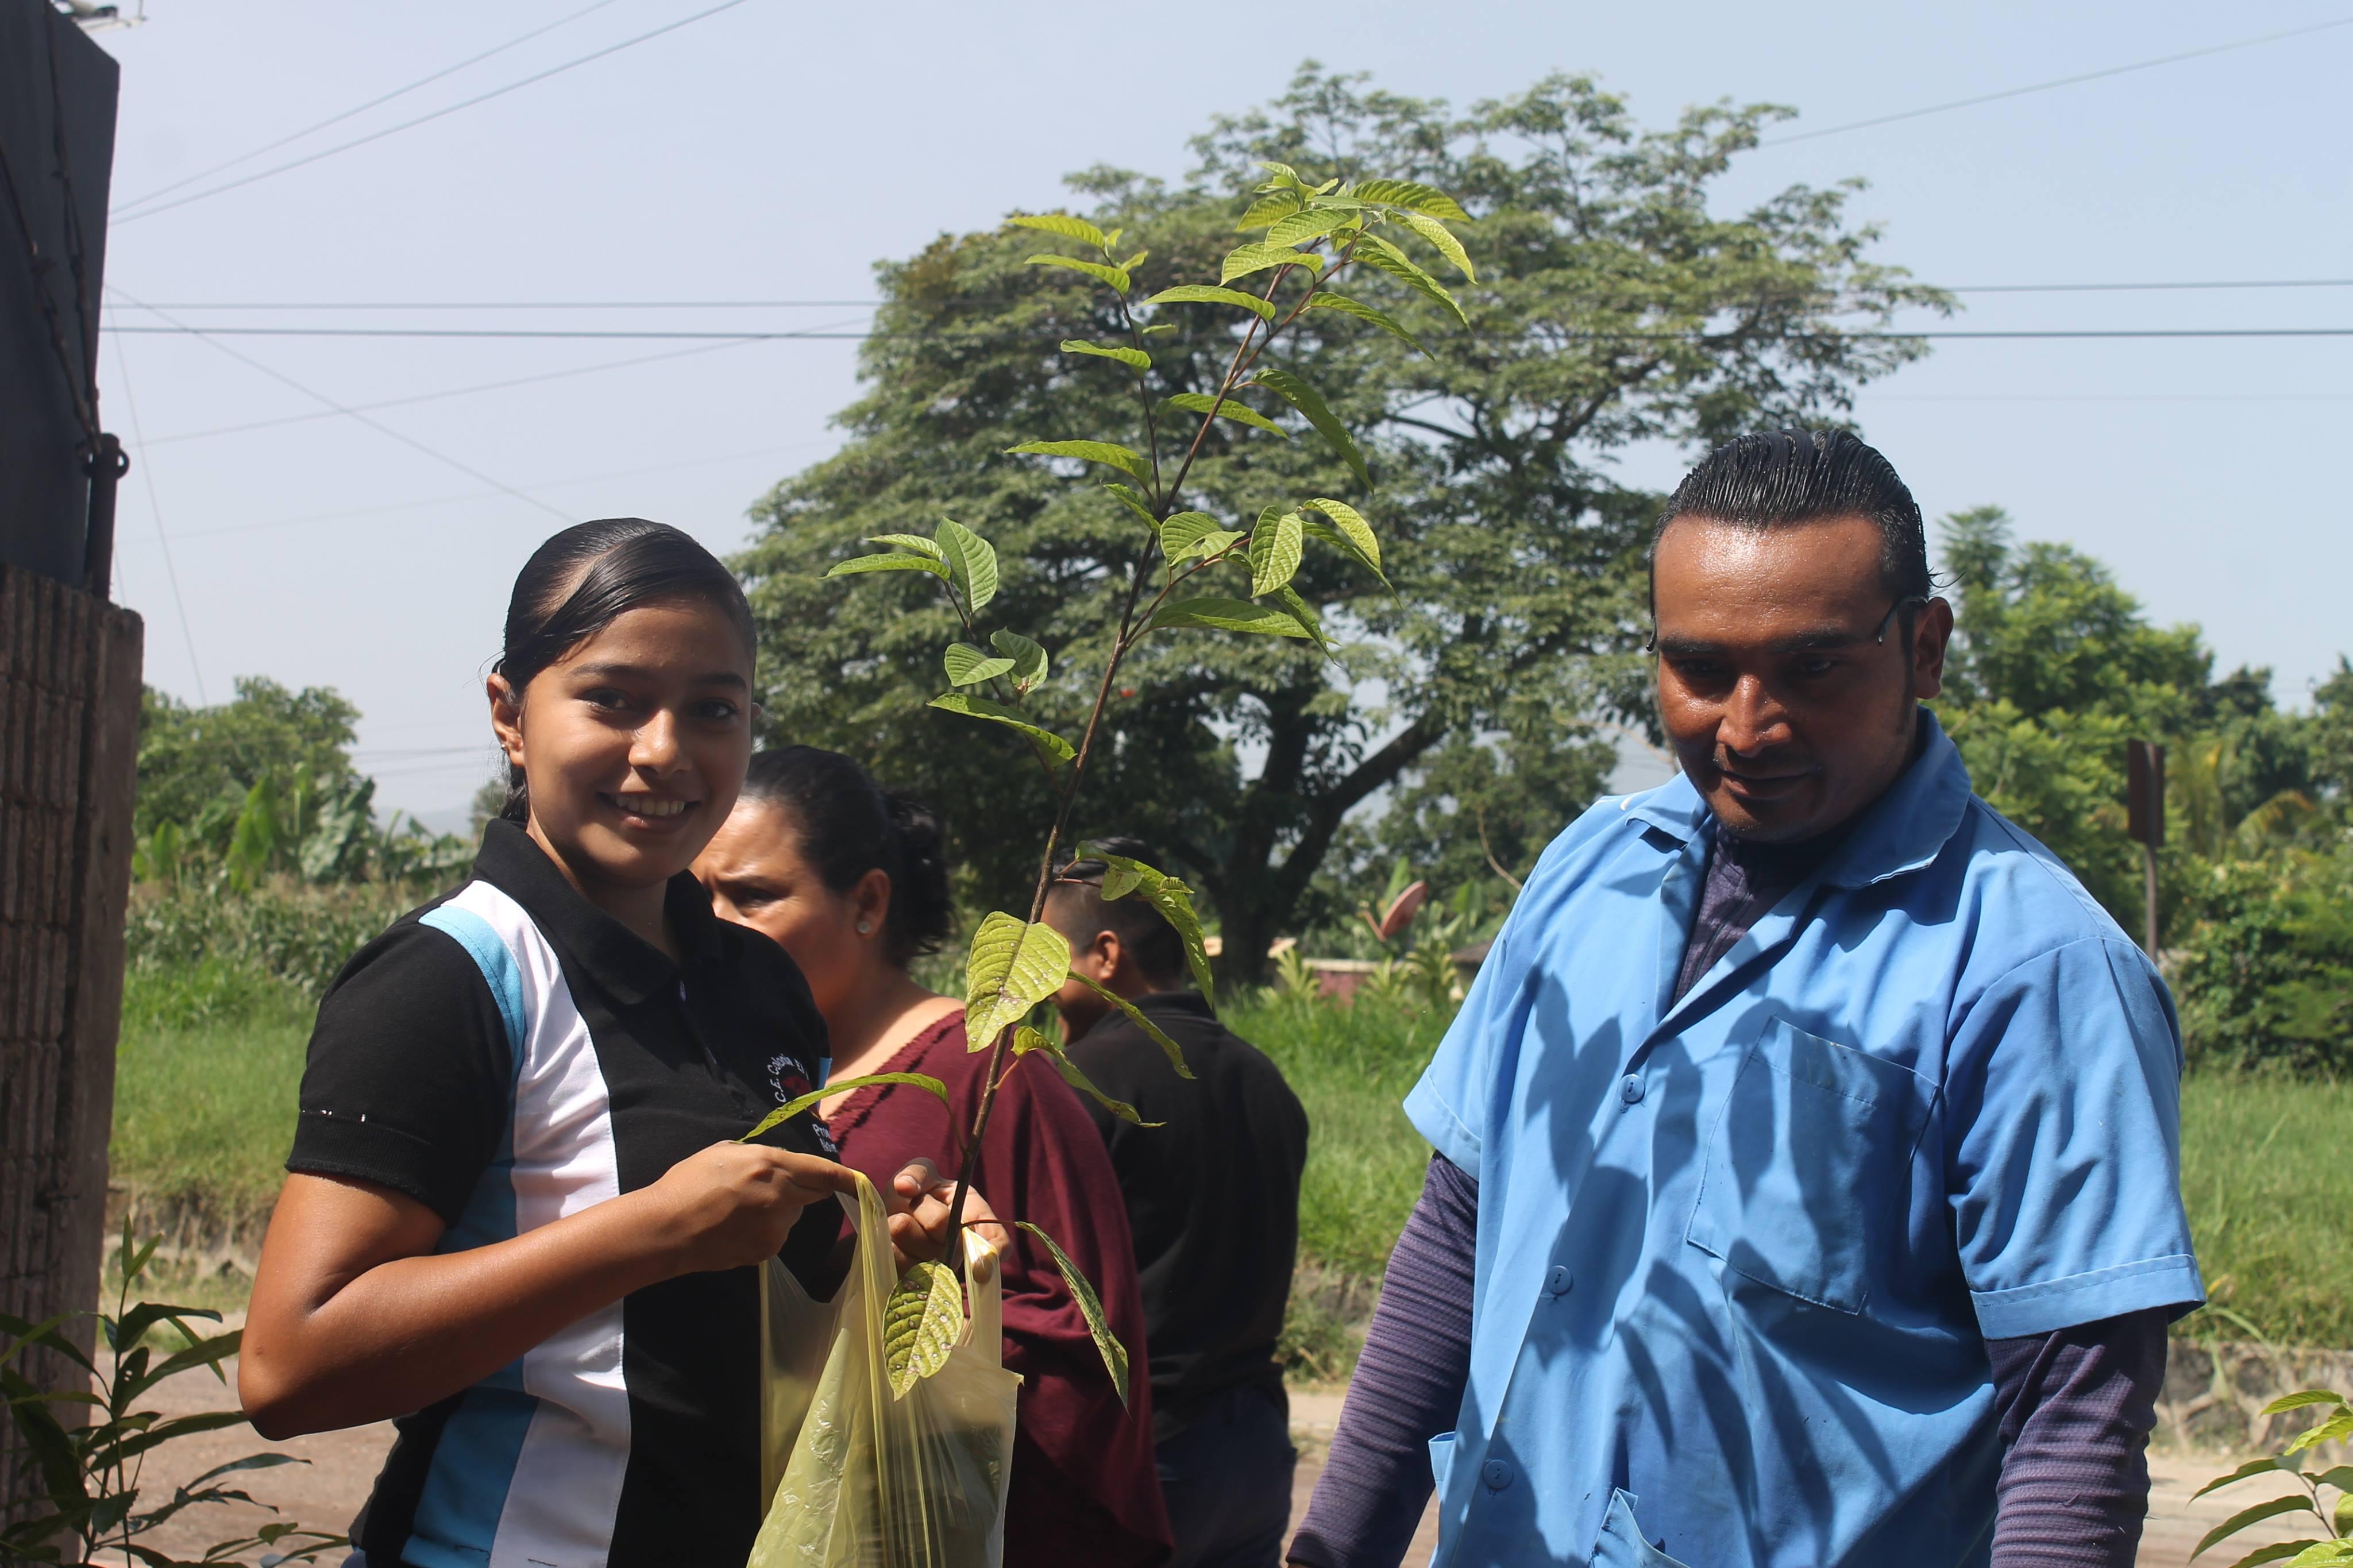 Ciudadanos adoptaron un árbol para contribuir al medio ambiente